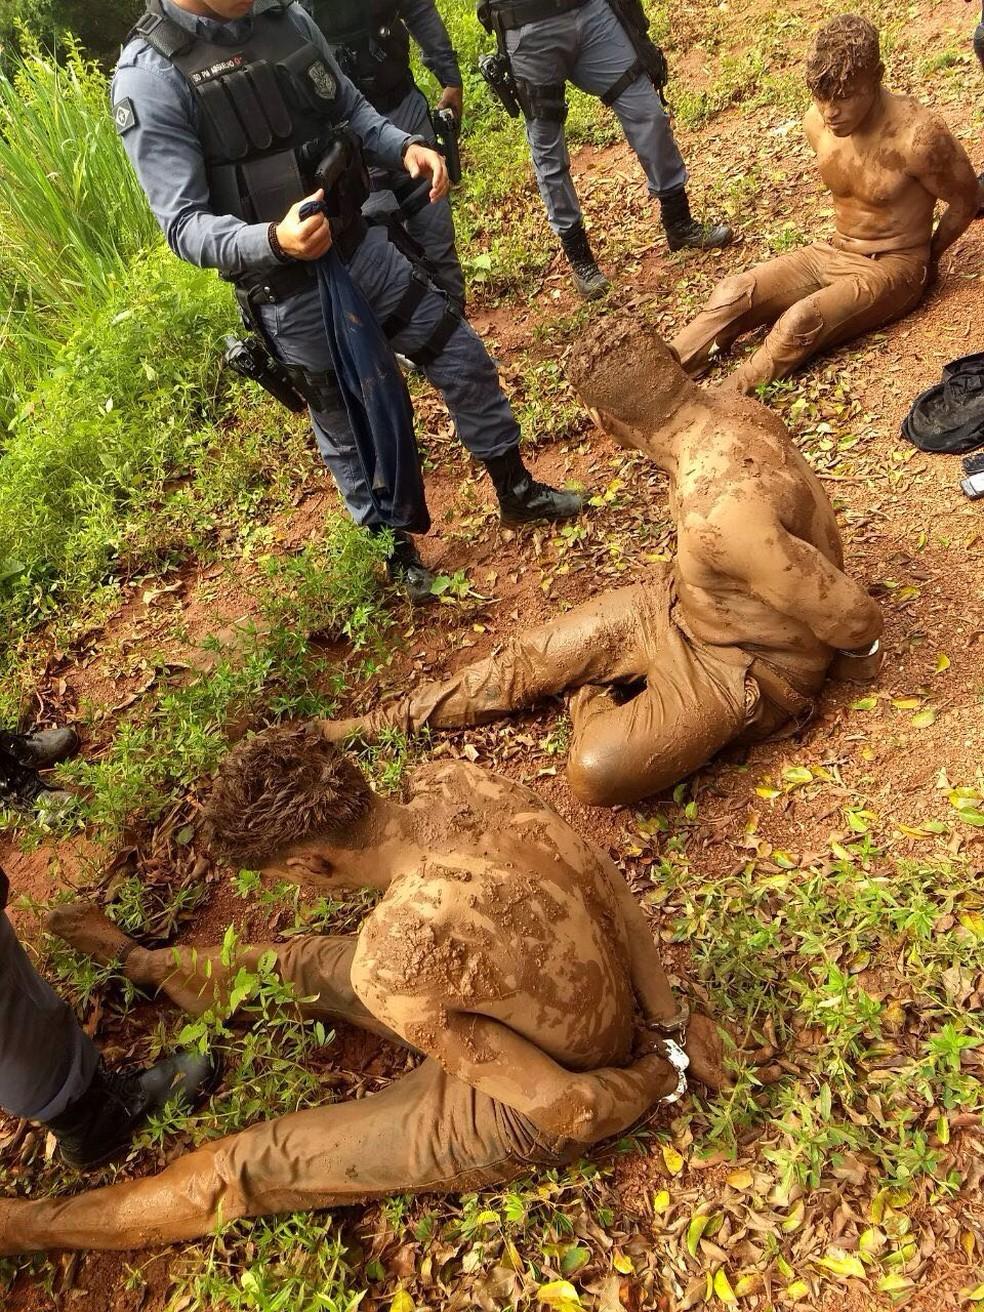 Ladrões foram encontrados imersos na lama tentando se esconder da polícia (Foto: Polícia Militar de MT/Assessoria)